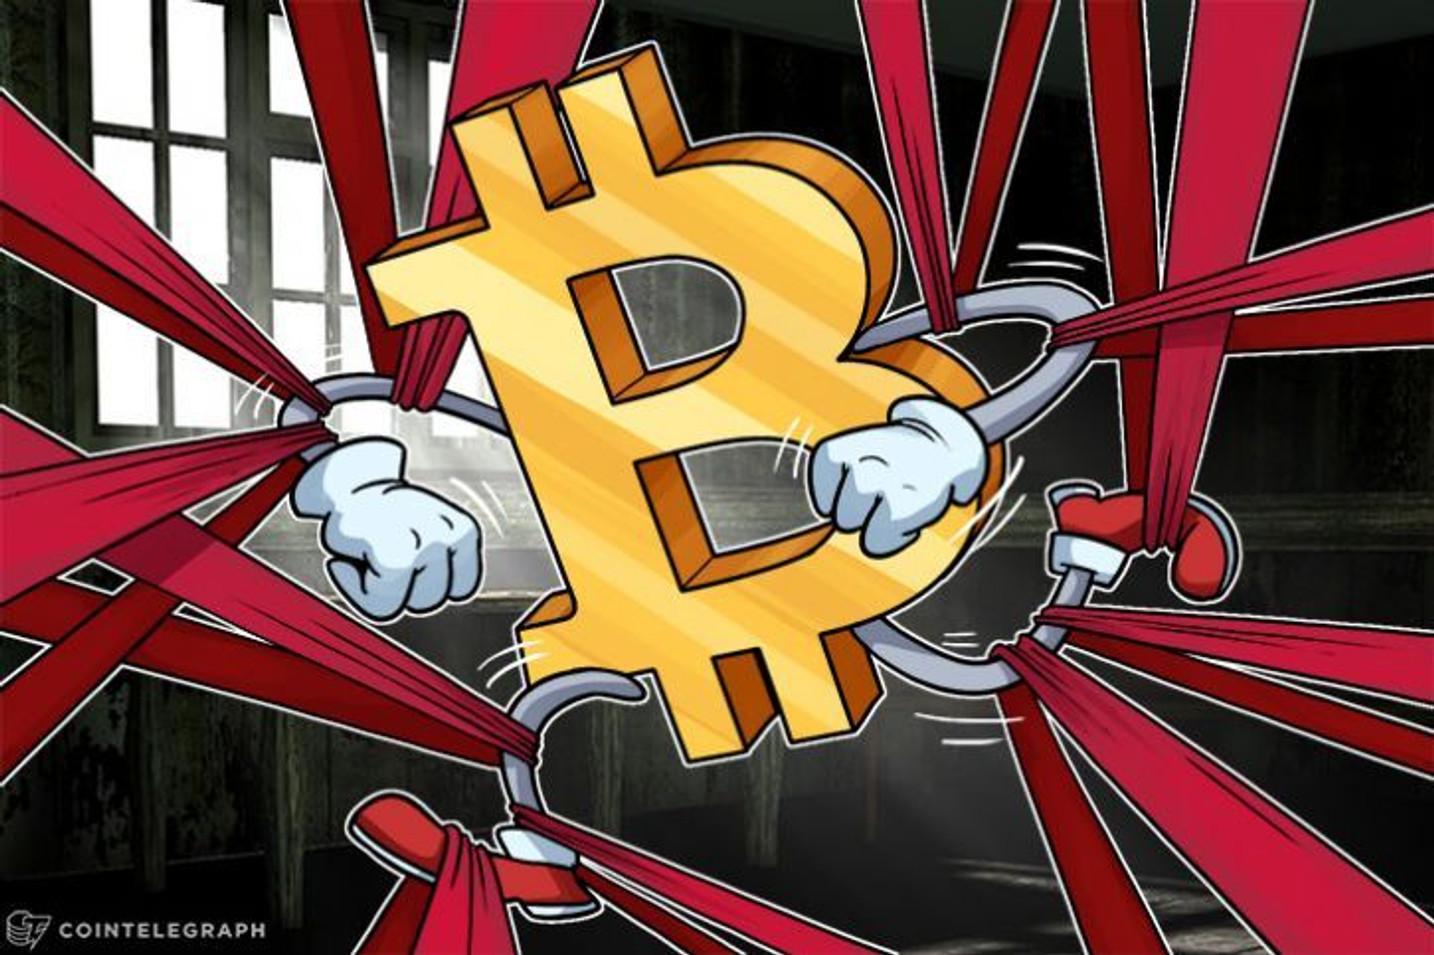 Novi zakon Senata može biti pretnja razvoju bitkoina